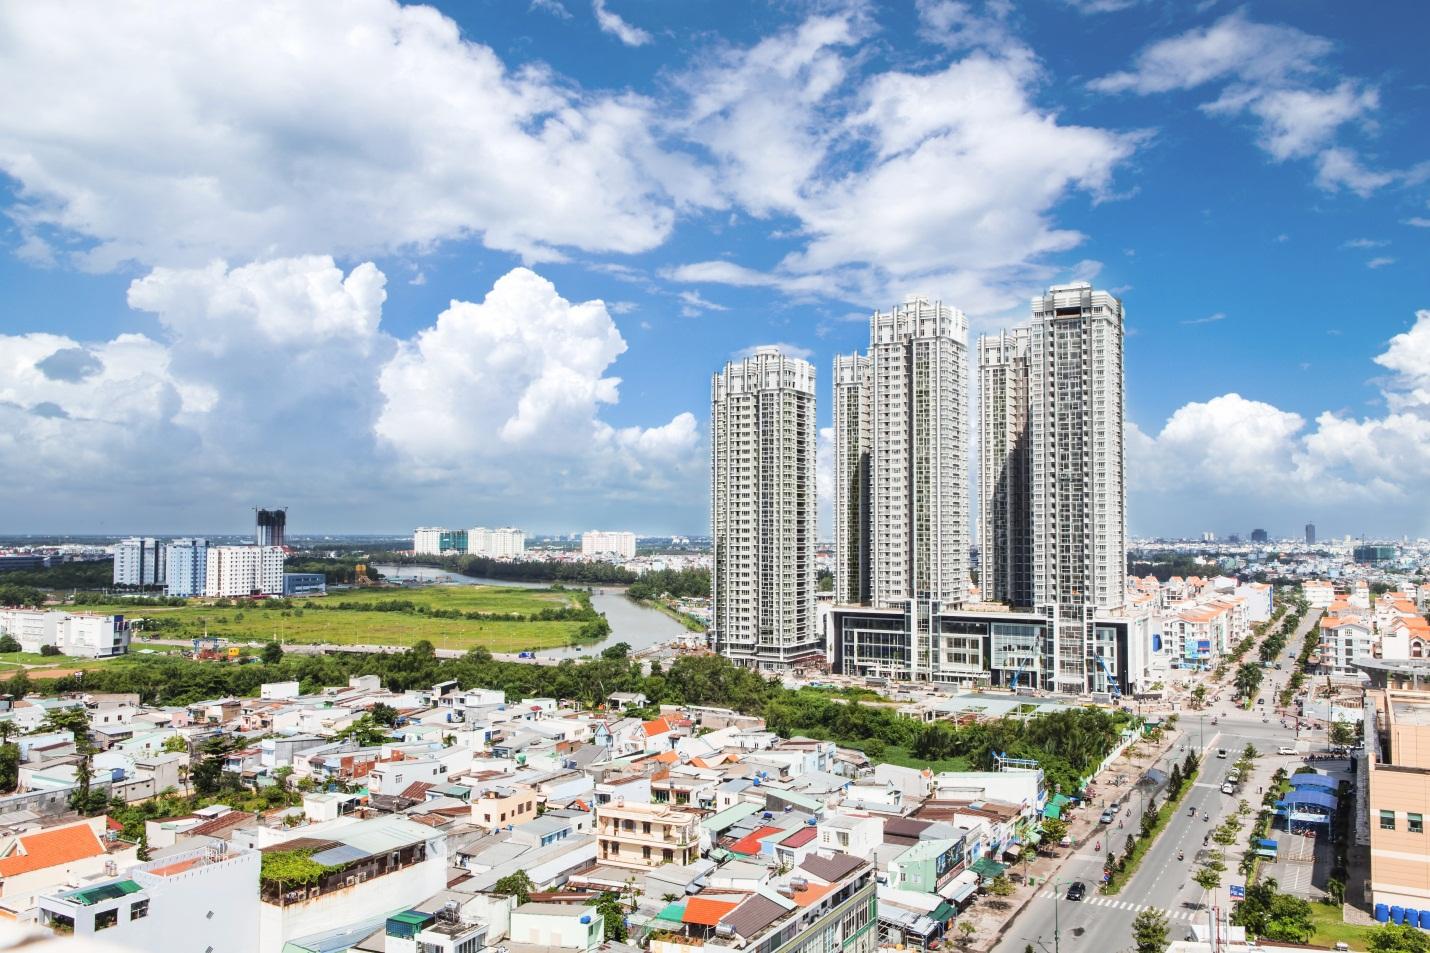 Hình ảnh dự án chung cư tại khu Đông TP.HCM